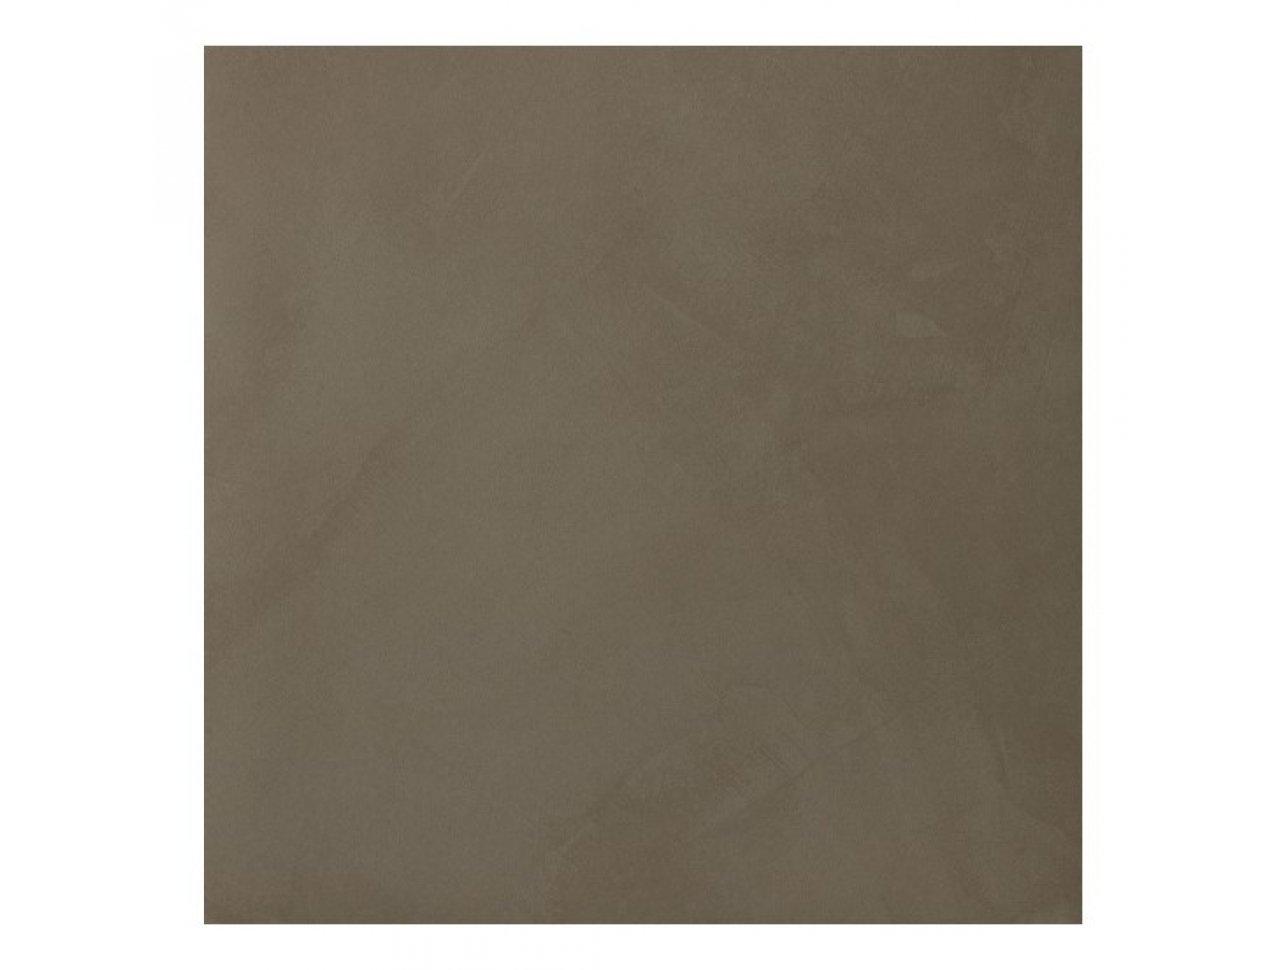 Напольная плитка FAP Color Now Floor Fango Matt 60 x 60 см, Арт. fNMB